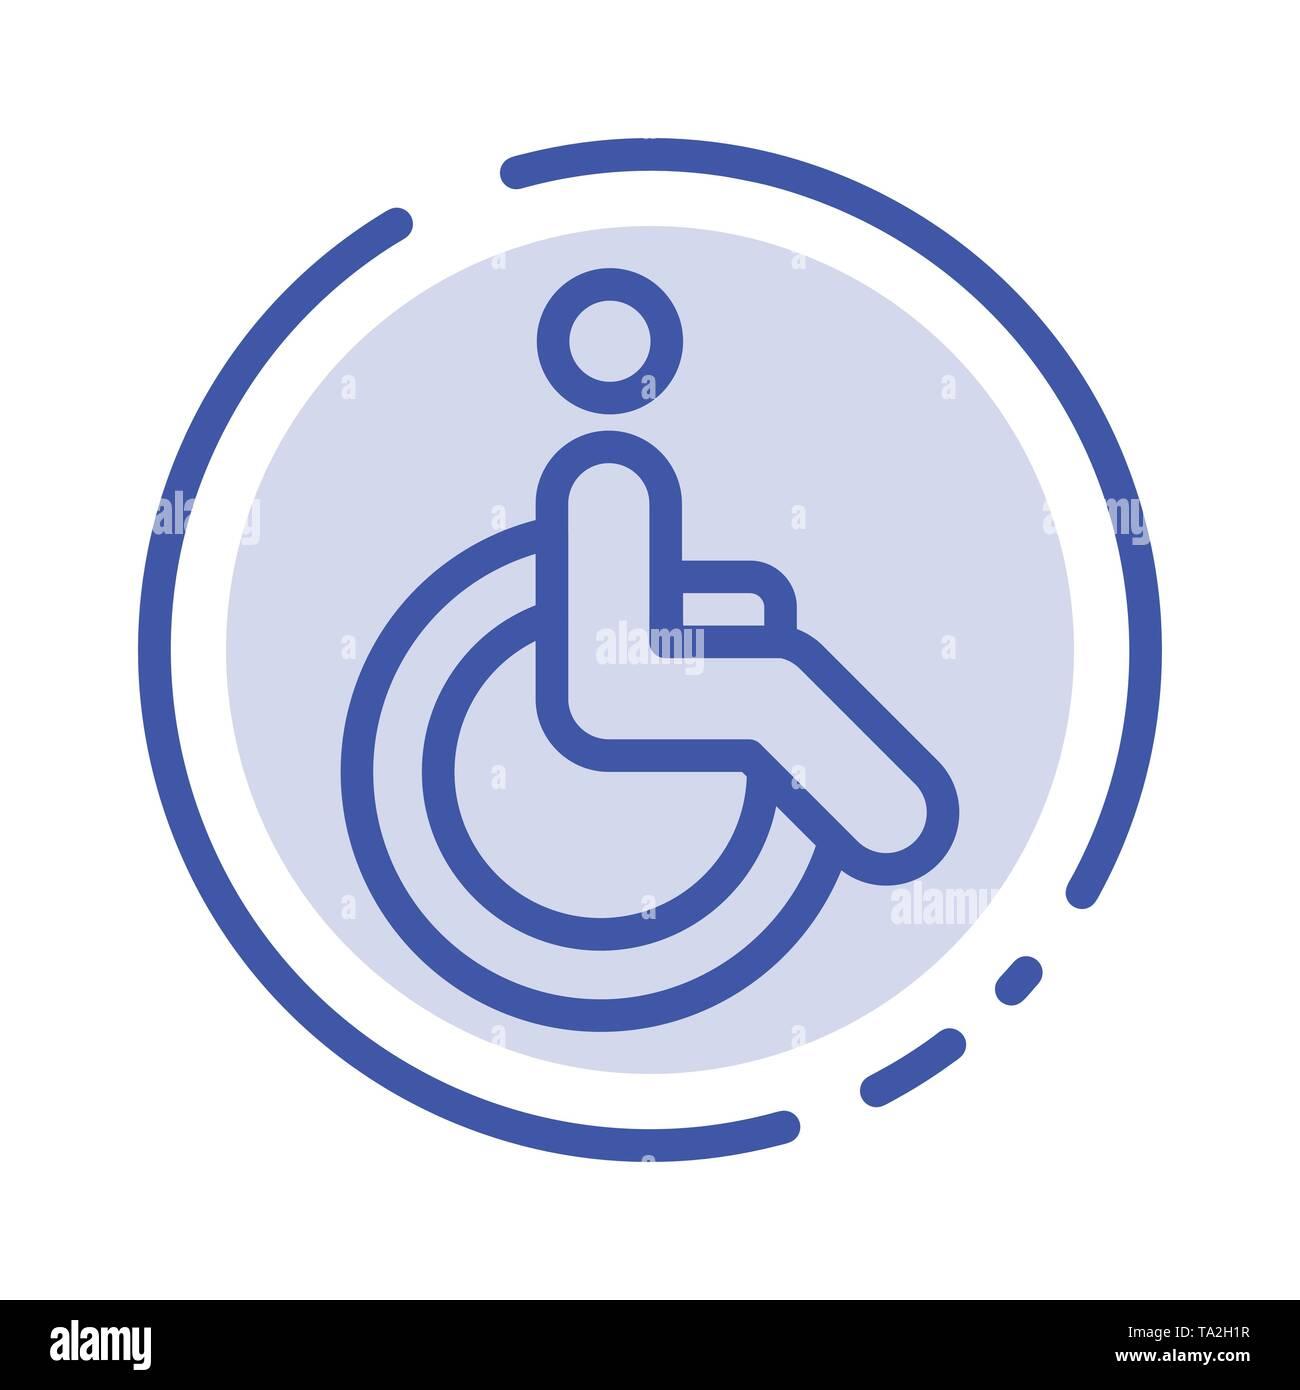 Rollstuhl, Fahrrad, Bewegung, Laufen, blau gepunktete Linie Symbol Leitung Stockbild